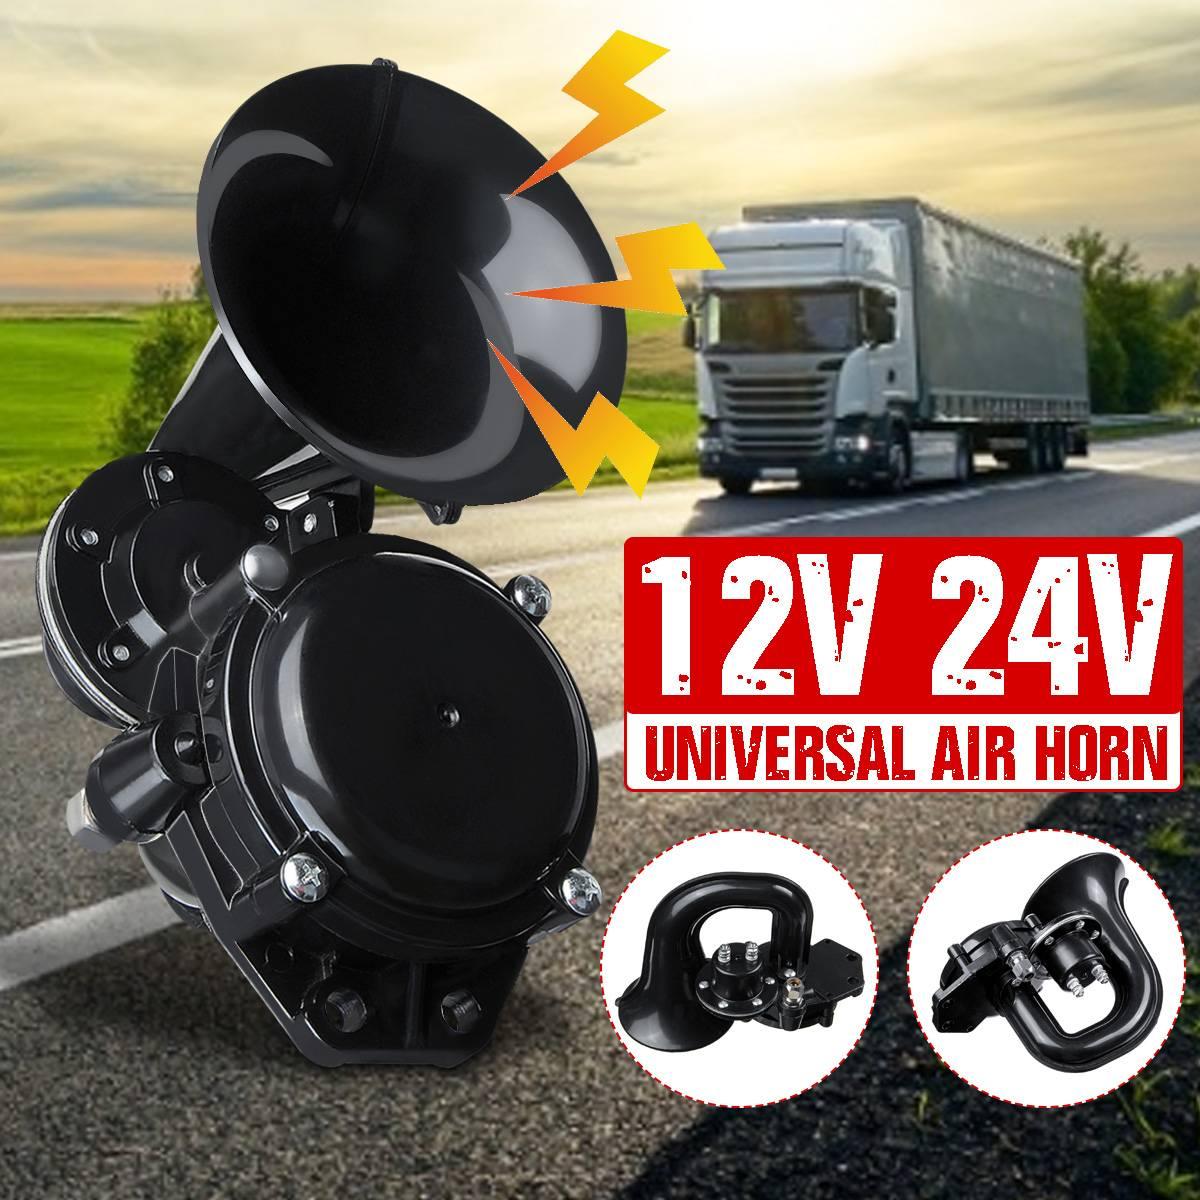 Внешний громкий гудок для грузовика, 12 В, 24 В, воздушный Гудок с электрическим клапаном, плоский для авто, автомобиля, грузовика, автобуса, фу...